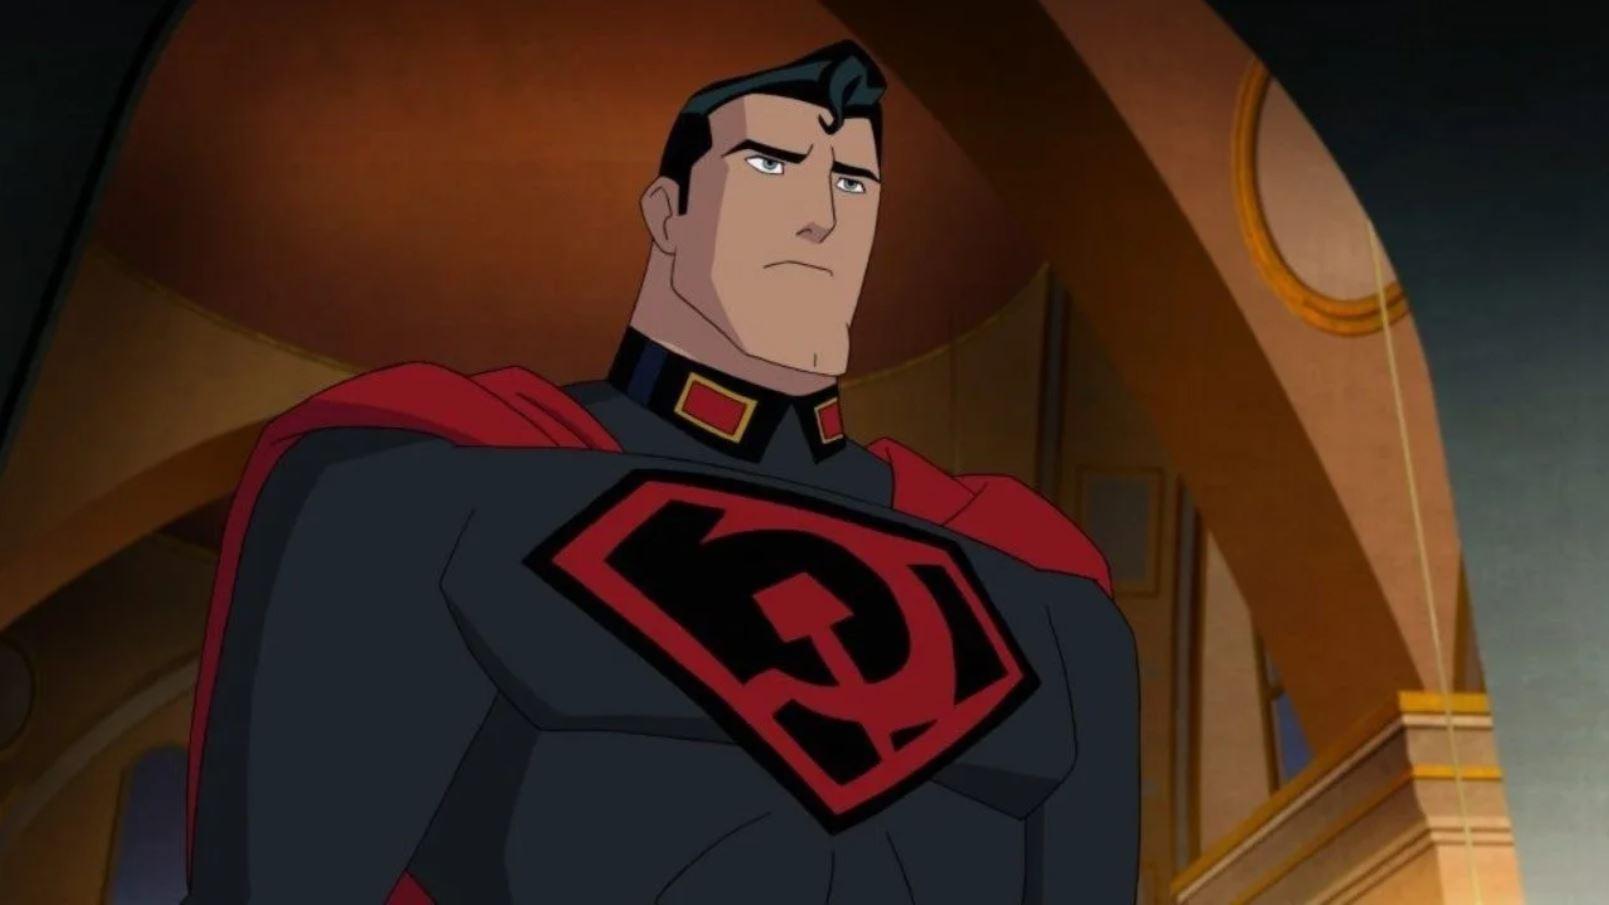 Superman Red Son Viree En Pleine Guerre Froide Avec Un Superman